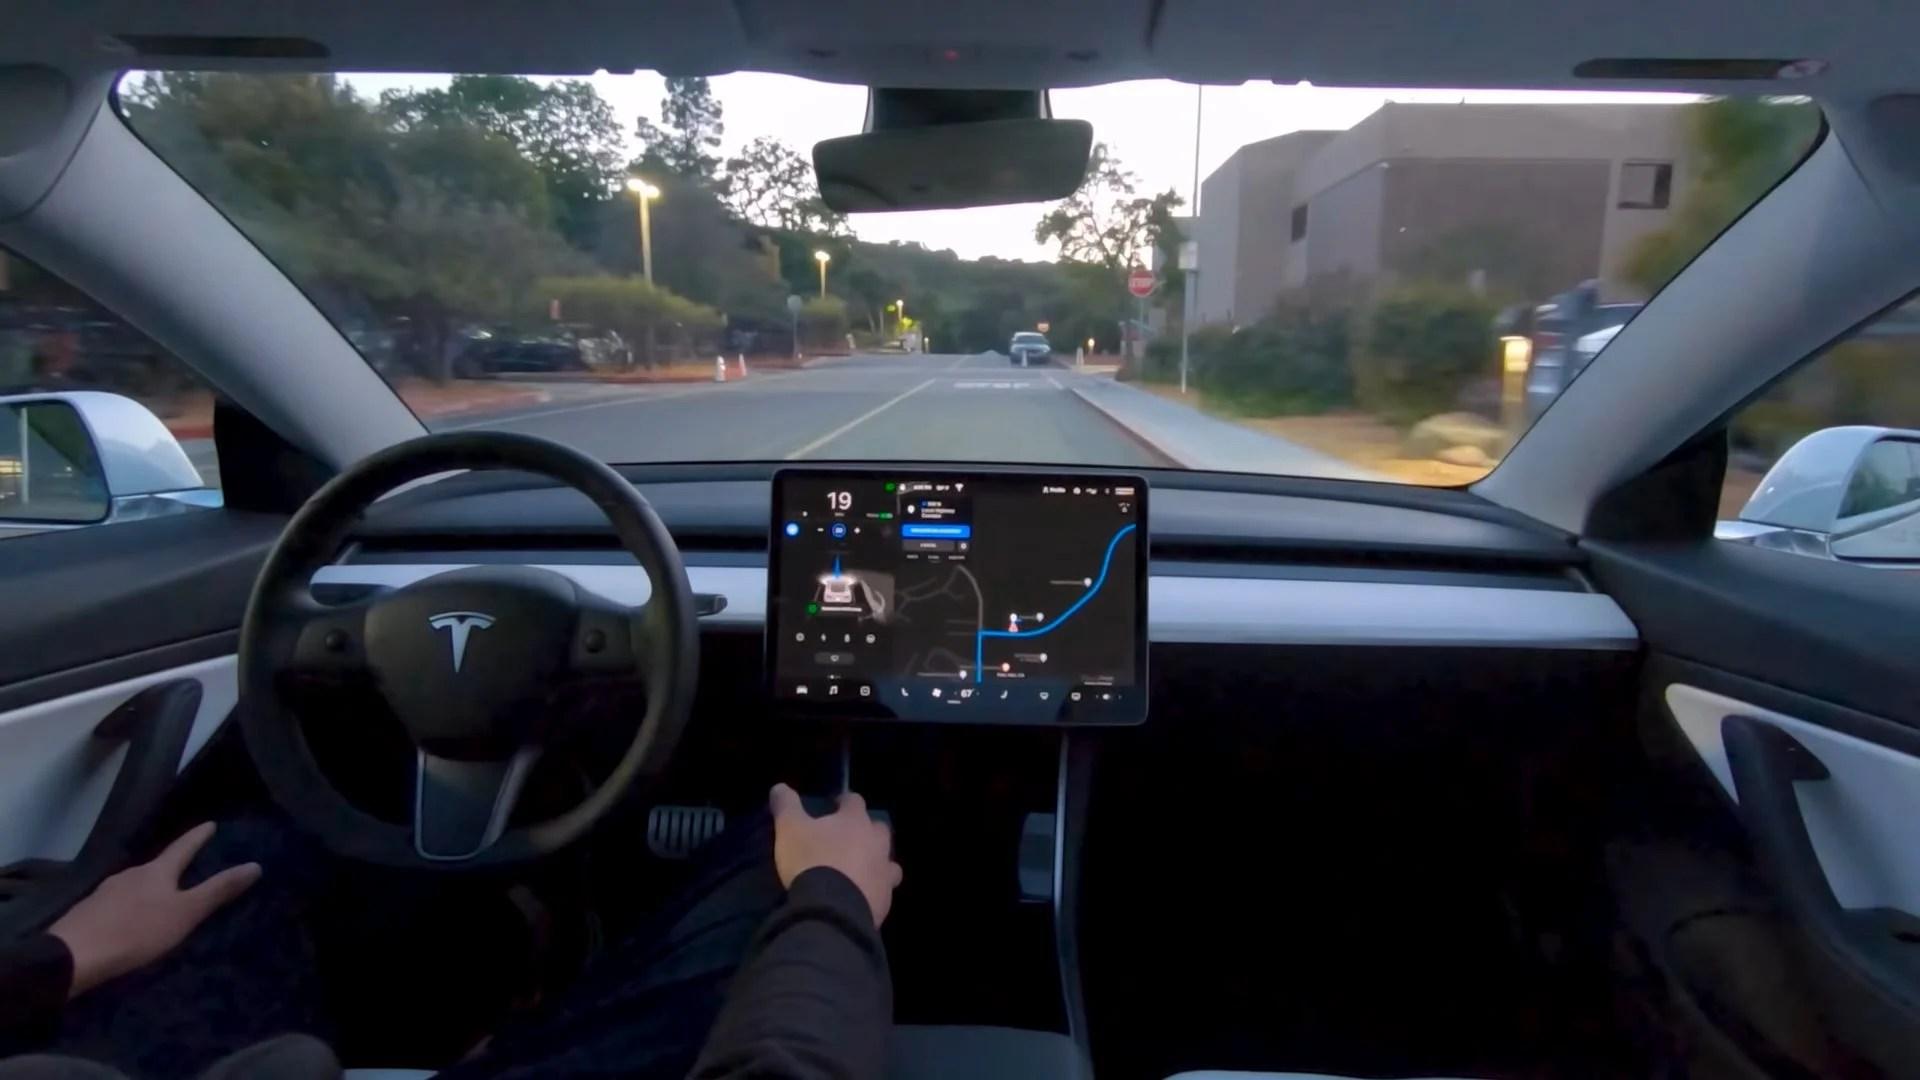 Tesla déploie son Autopilot 100 % autonome en bêta avec « lenteur et prudence »